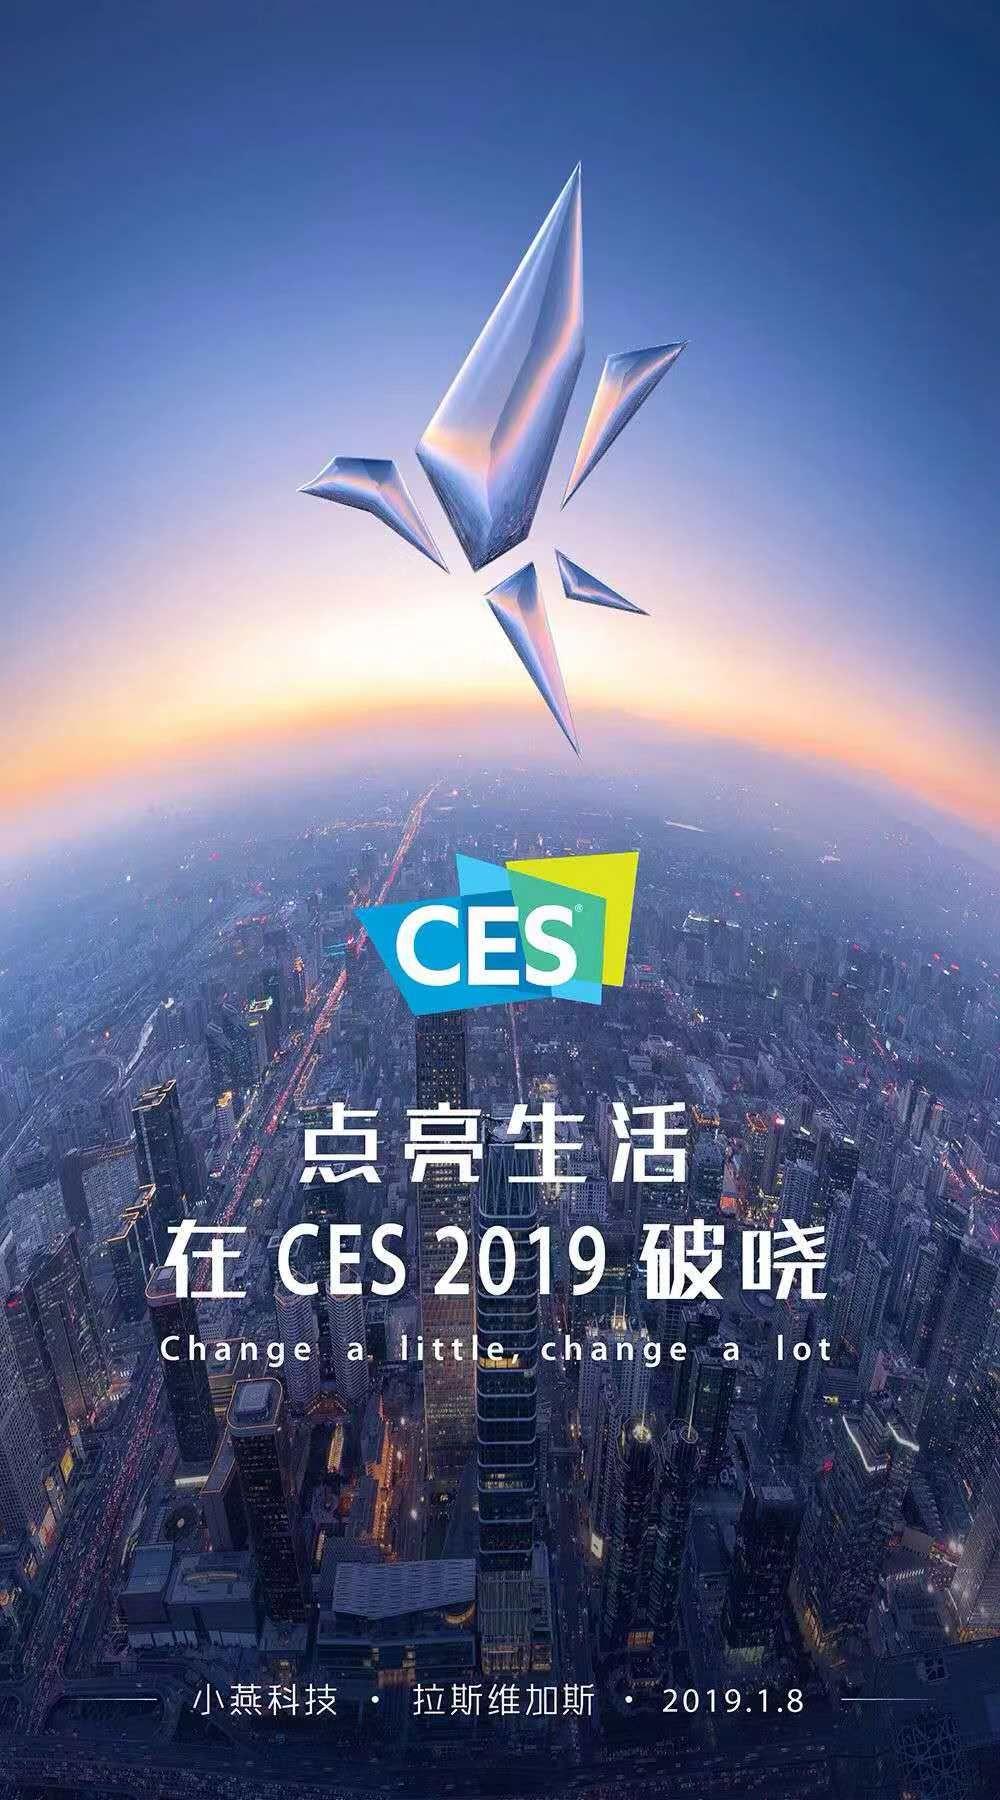 CES 2019:Terncy 智能家居品牌正式发布